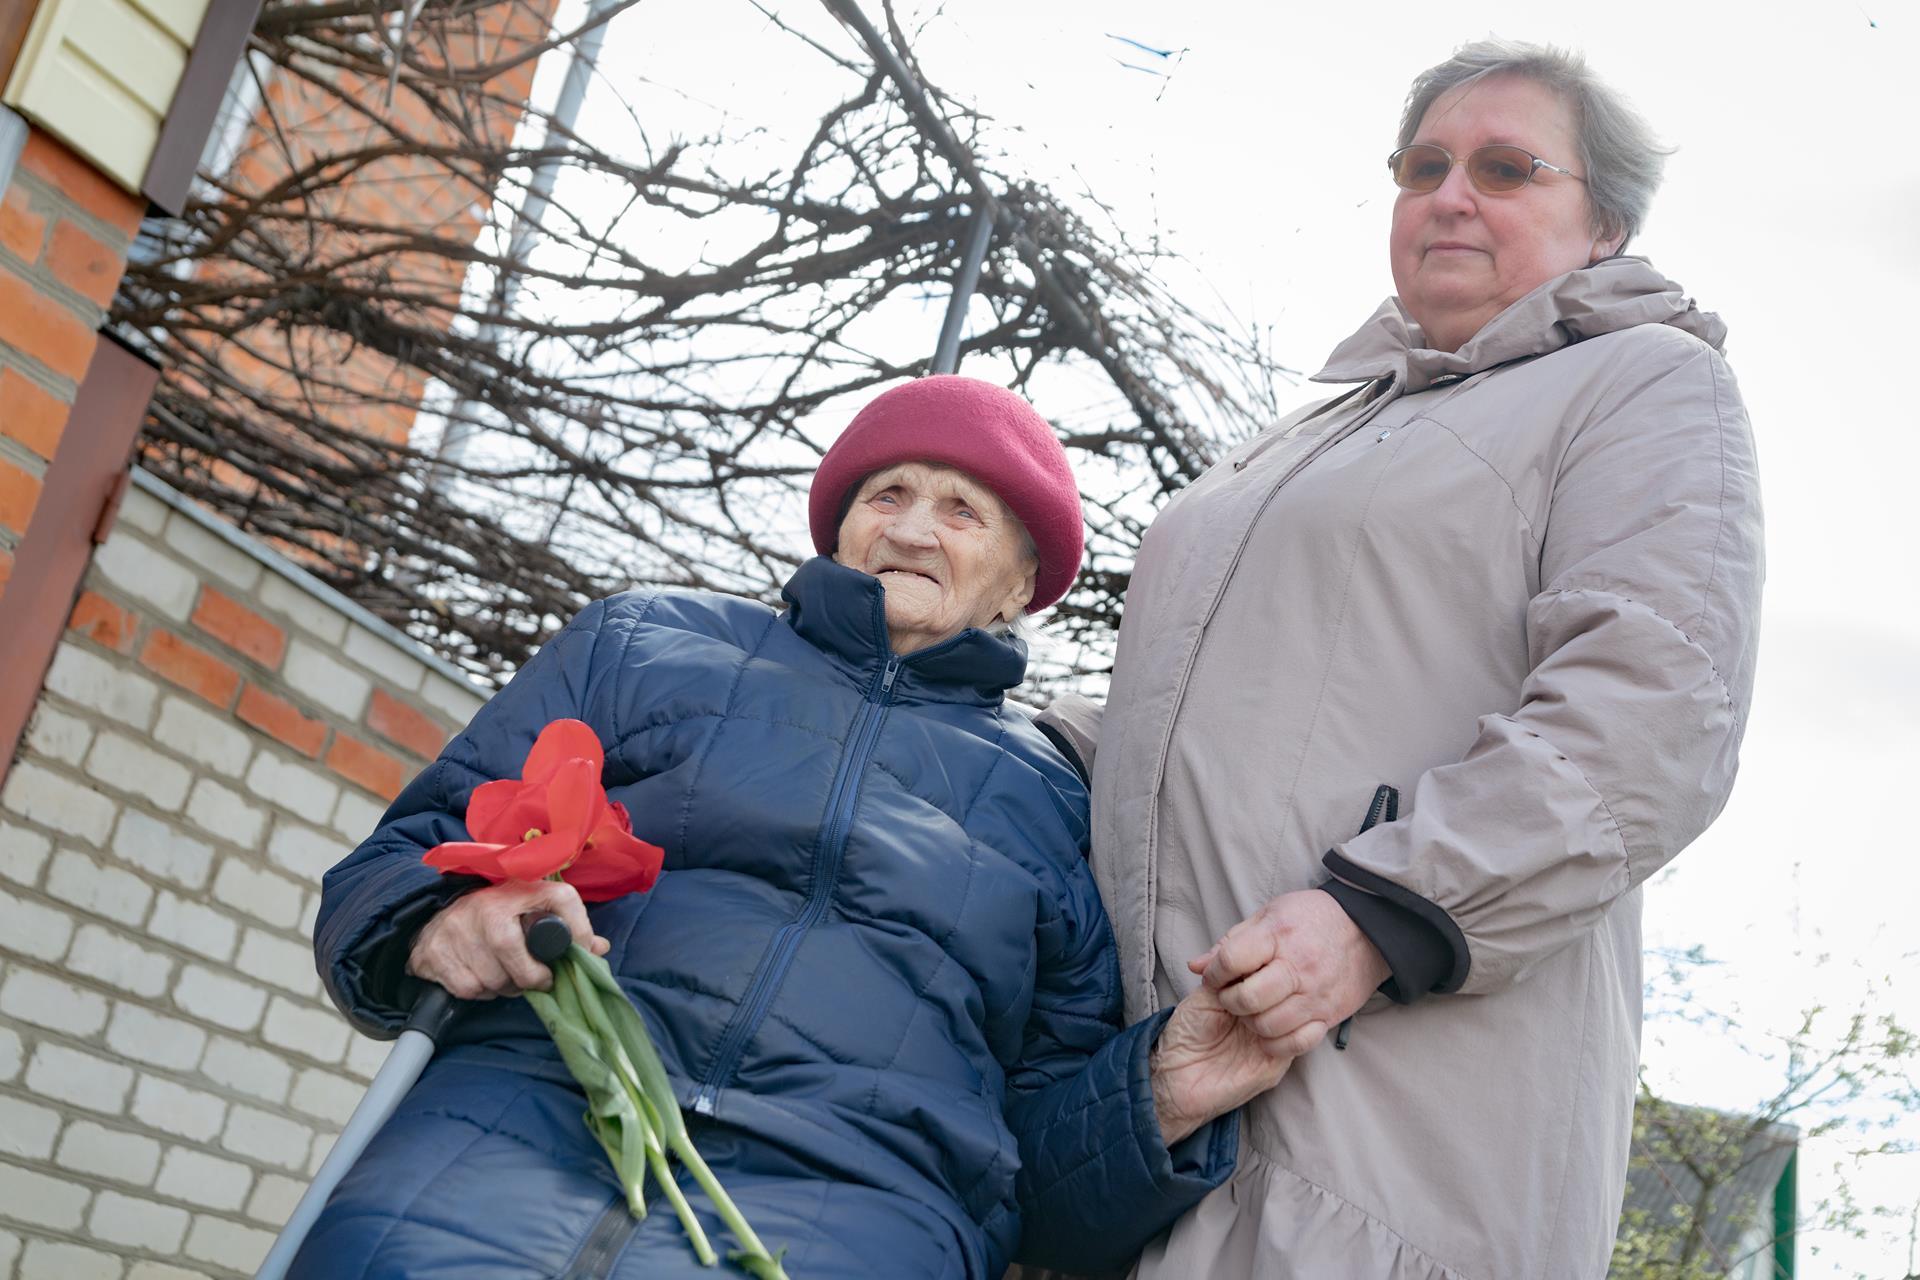 День Великой Победы в Клинцах'2021. Поздравление ветерана Великой Отечественной Войны. Переулок Брянский